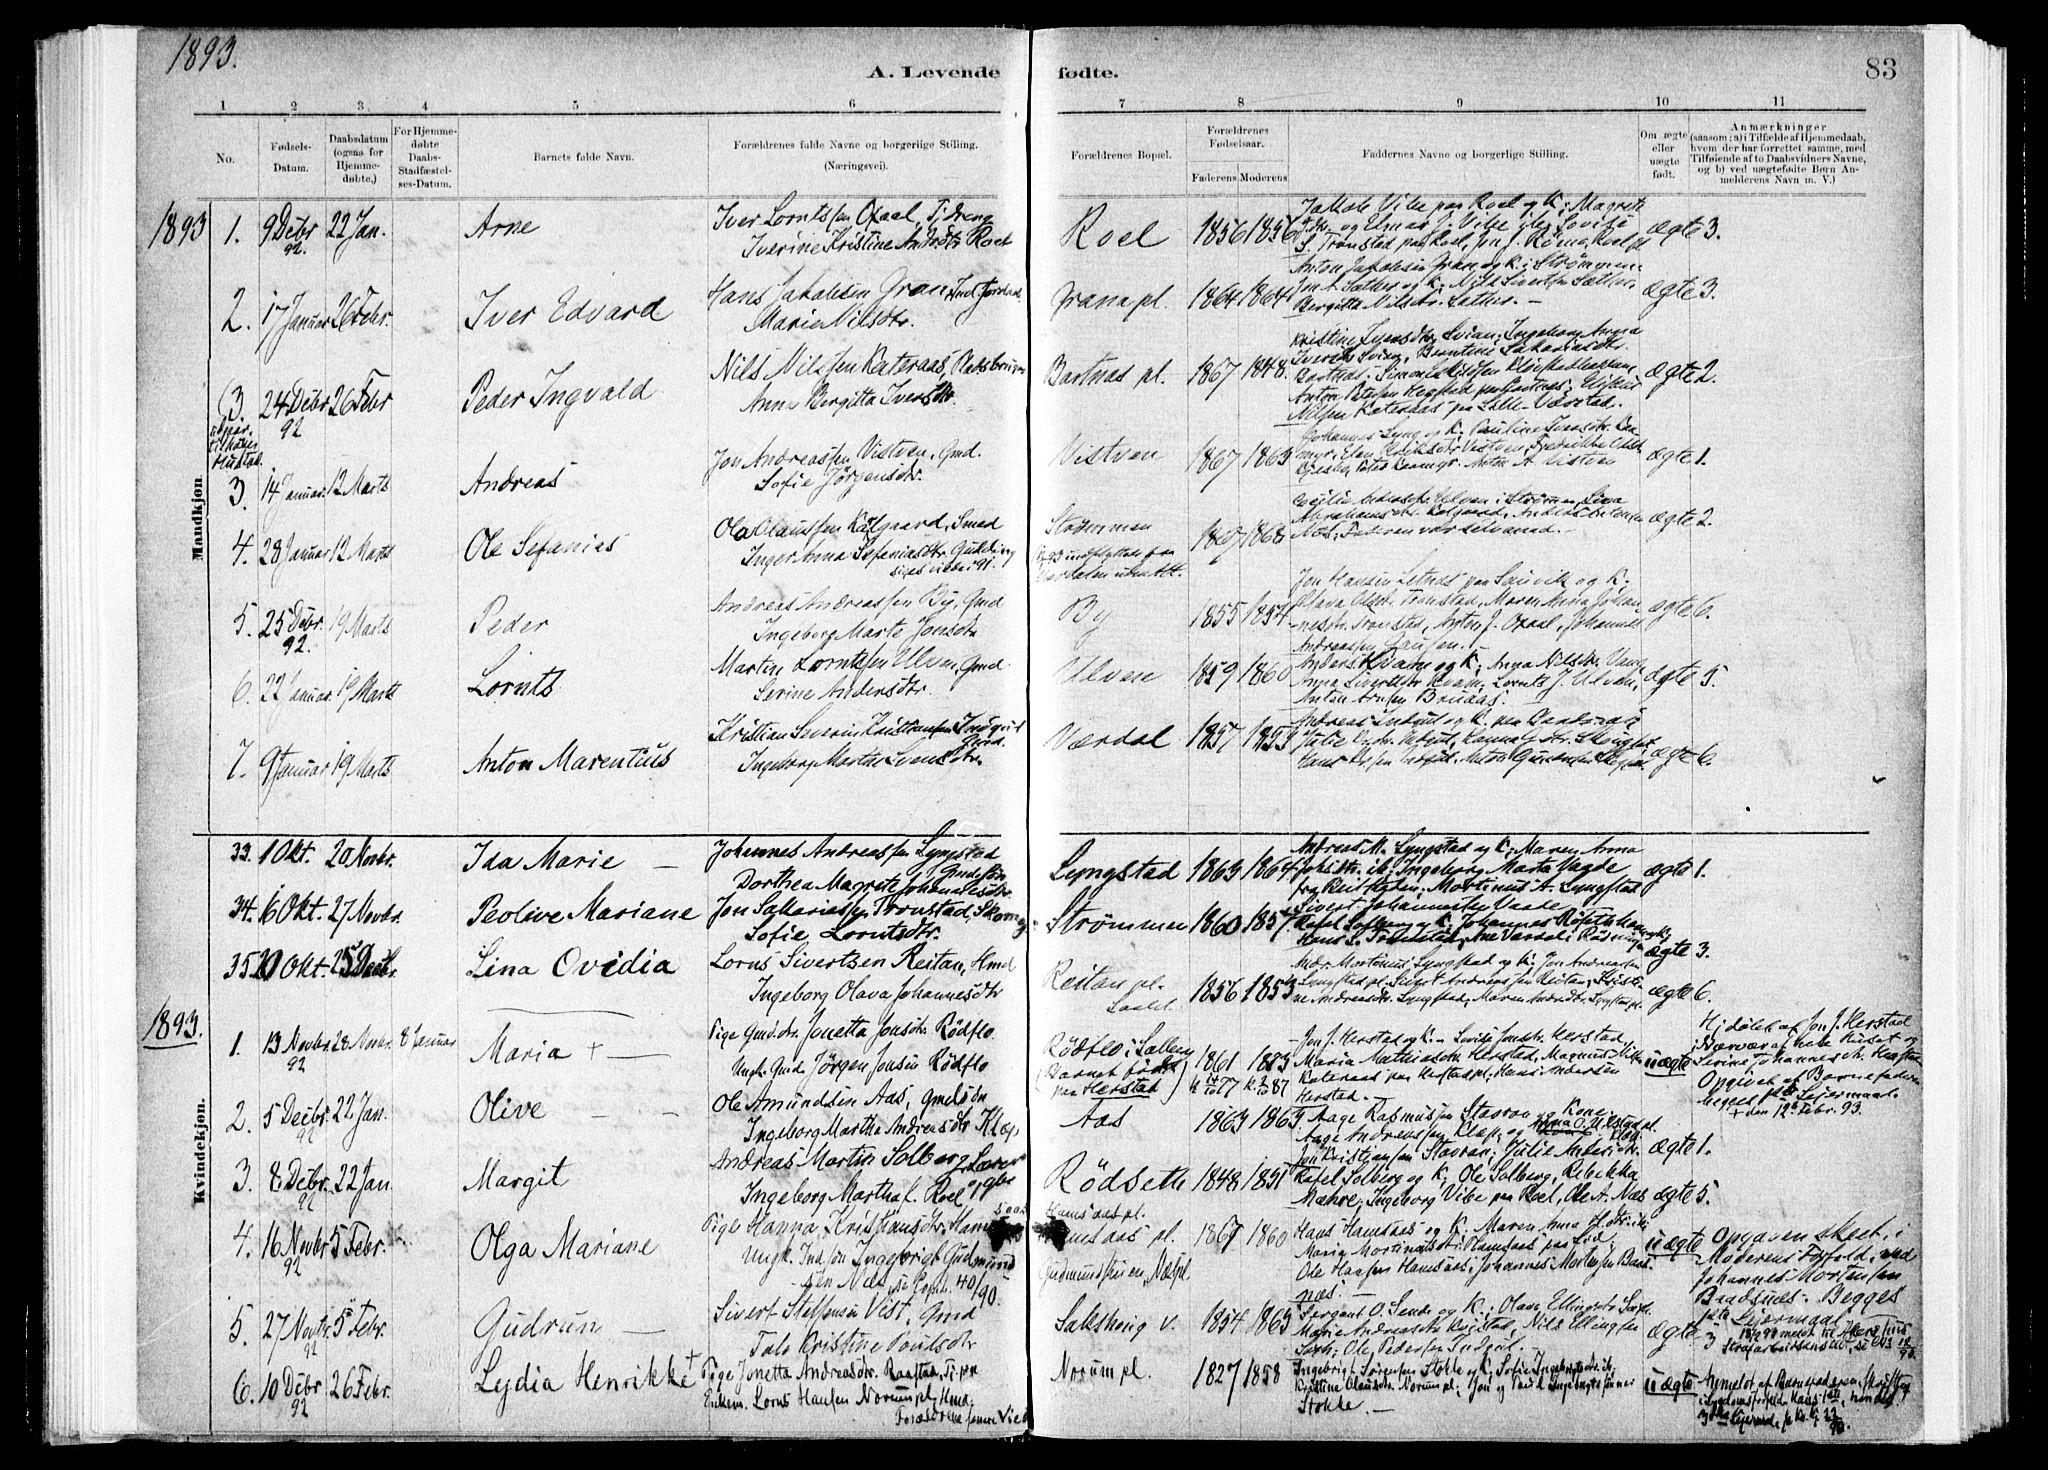 SAT, Ministerialprotokoller, klokkerbøker og fødselsregistre - Nord-Trøndelag, 730/L0285: Ministerialbok nr. 730A10, 1879-1914, s. 83